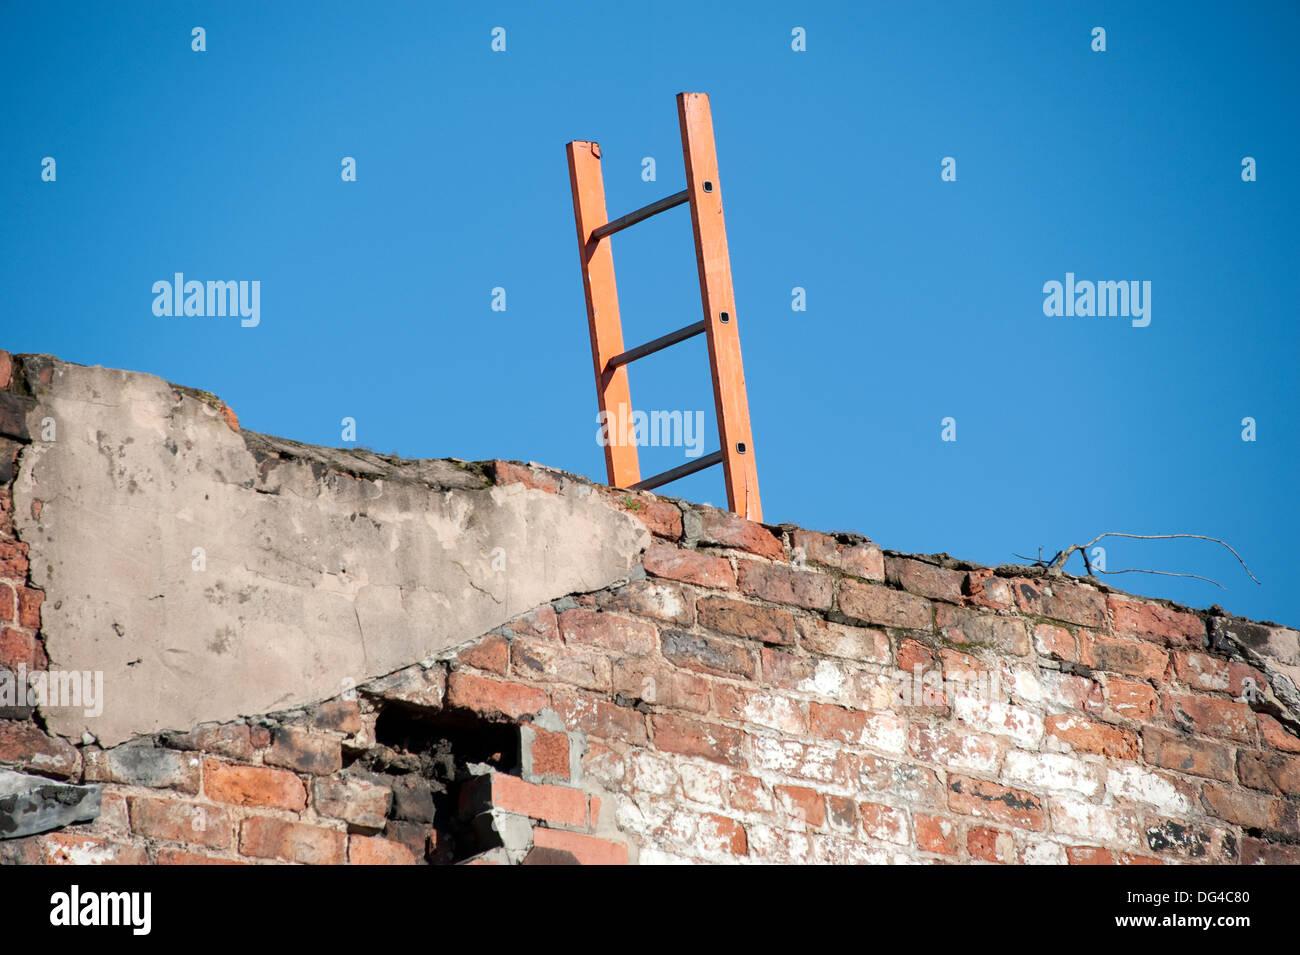 Superar trepar por la escalera de pared de madera azul cielo Imagen De Stock